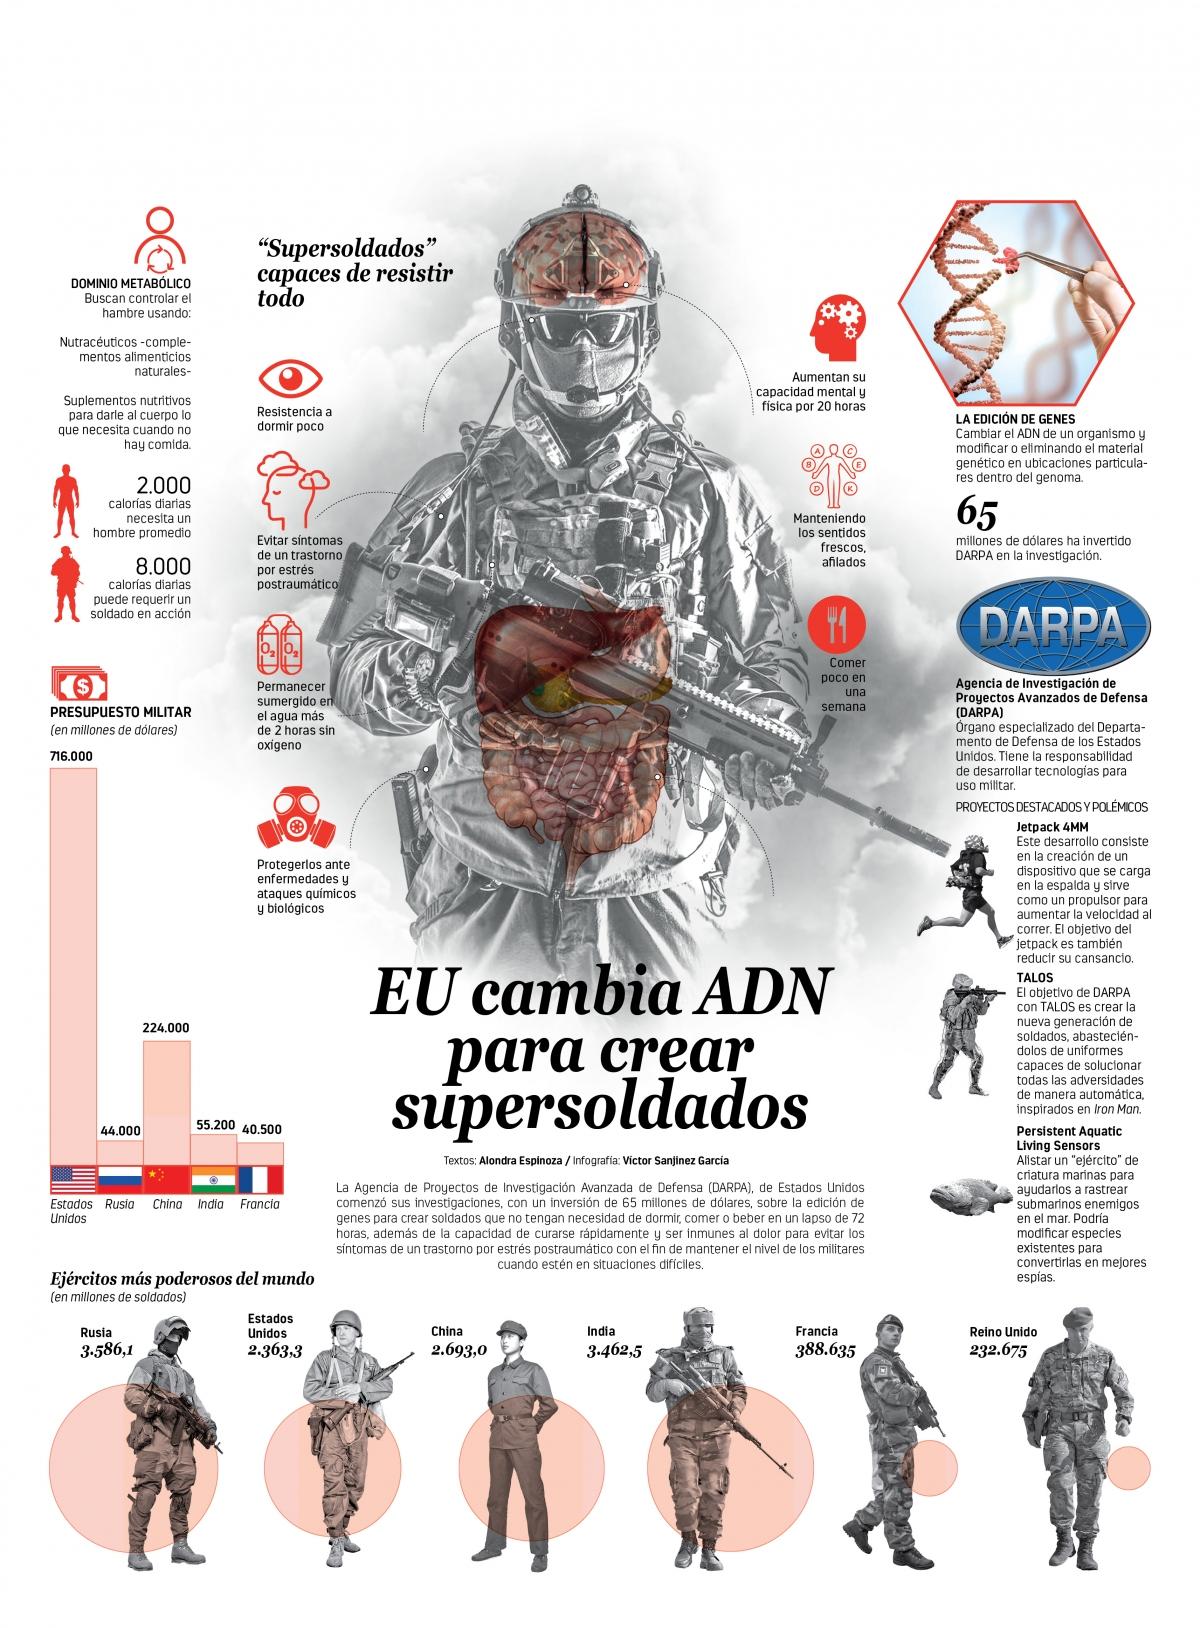 EU cambia ADN para crear supersoldados